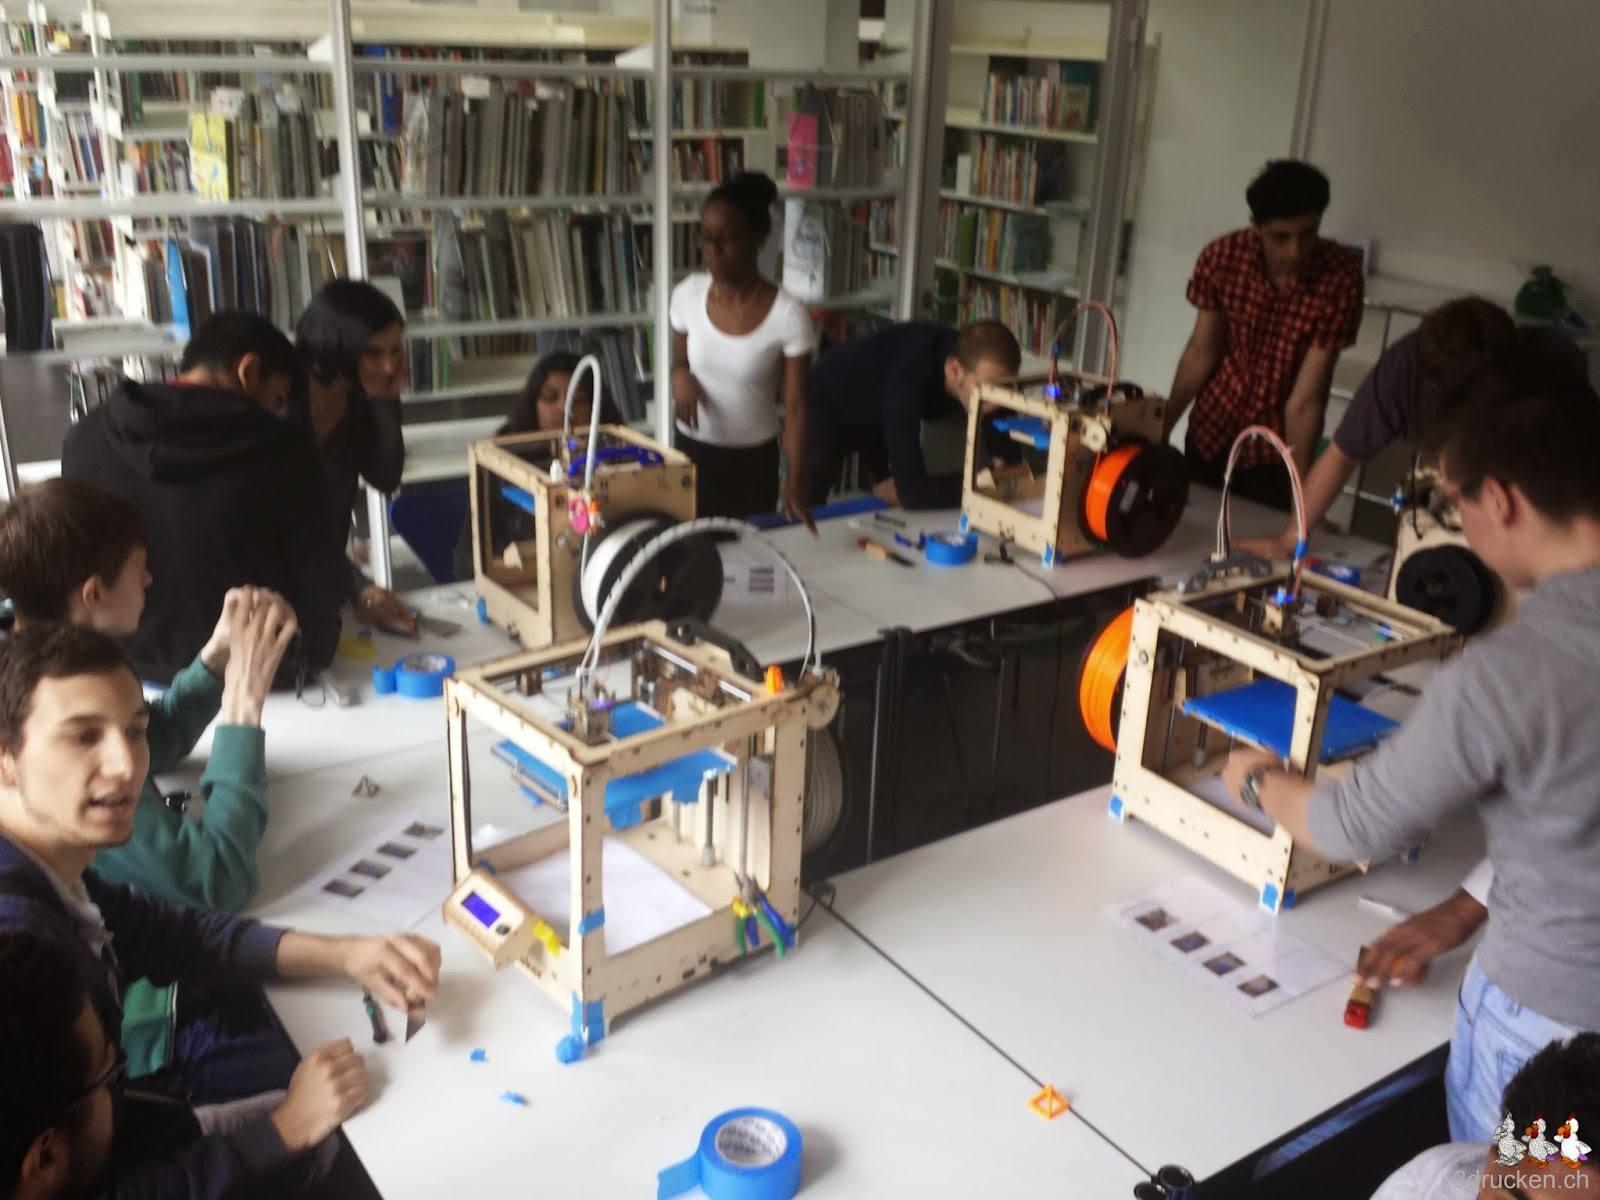 Foto des Druckerraums voll mit Lernenden die an den fünf aufgestellten Ultimaker Original arbeiten